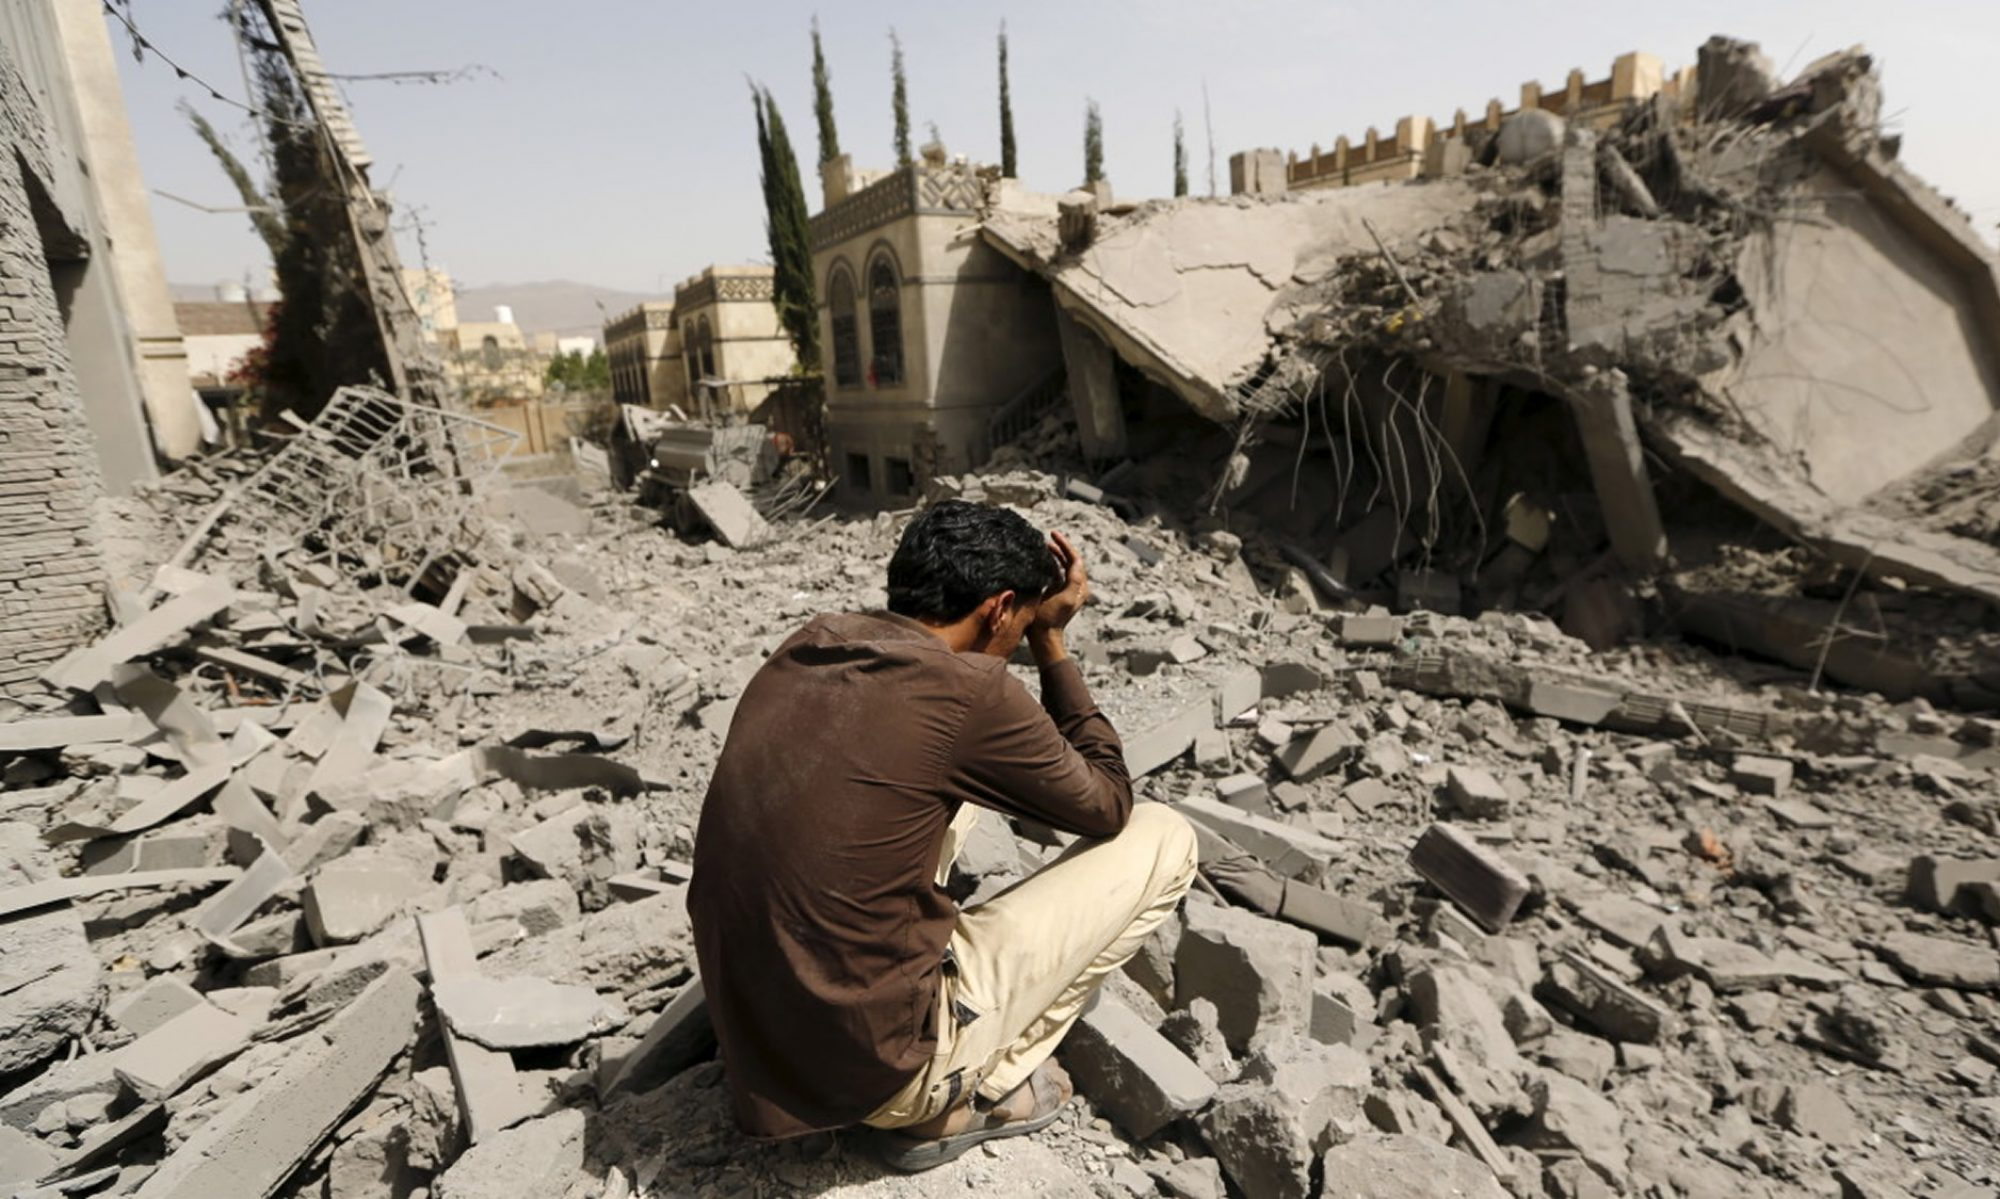 Αποτέλεσμα εικόνας για war